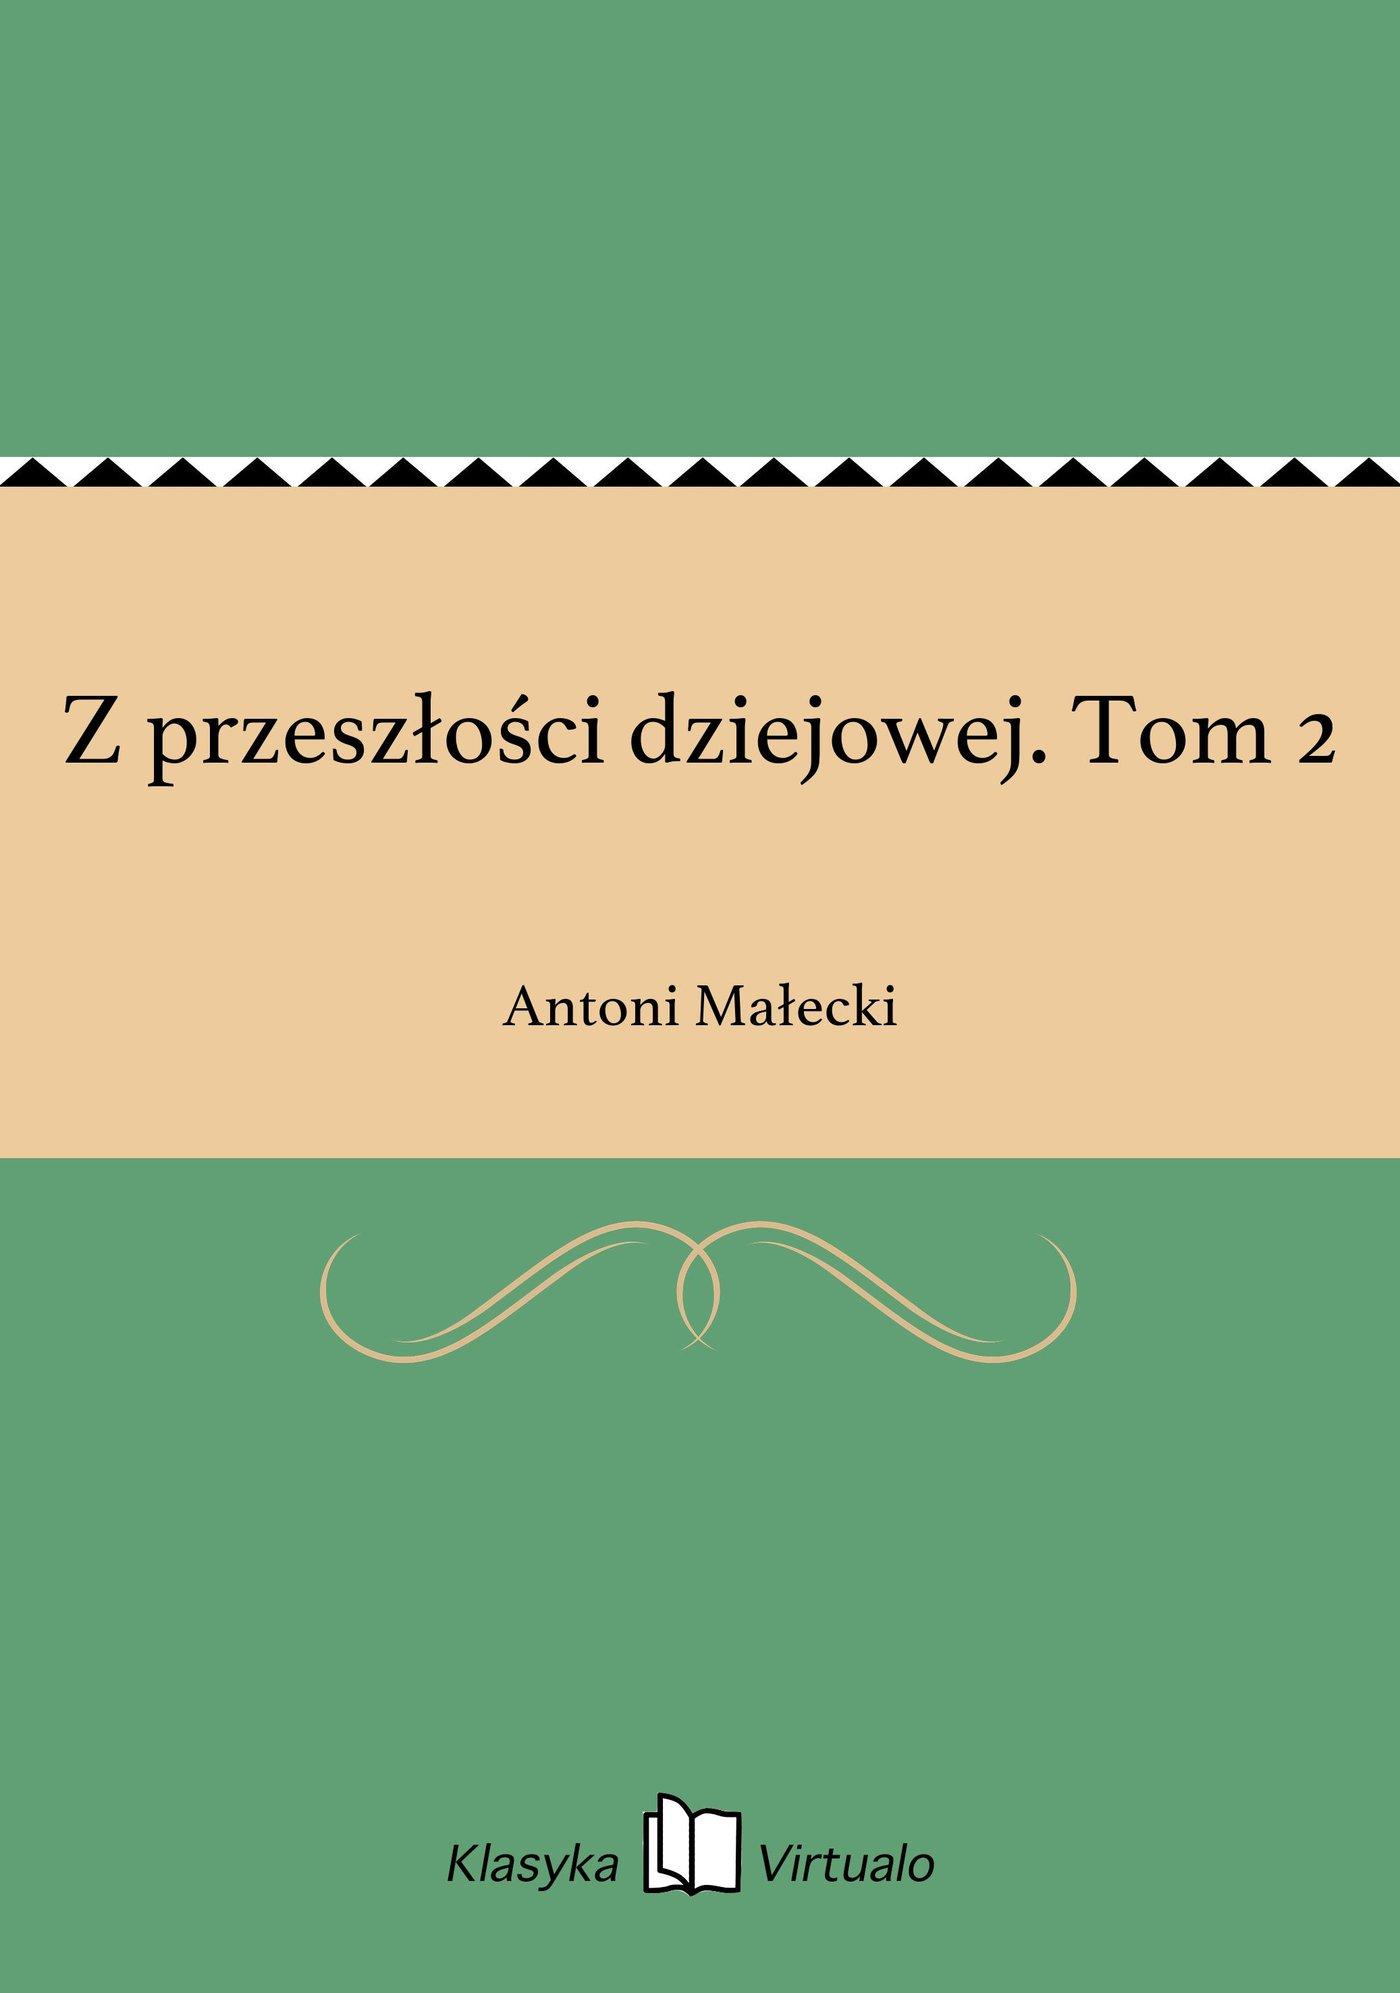 Z przeszłości dziejowej. Tom 2 - Ebook (Książka na Kindle) do pobrania w formacie MOBI